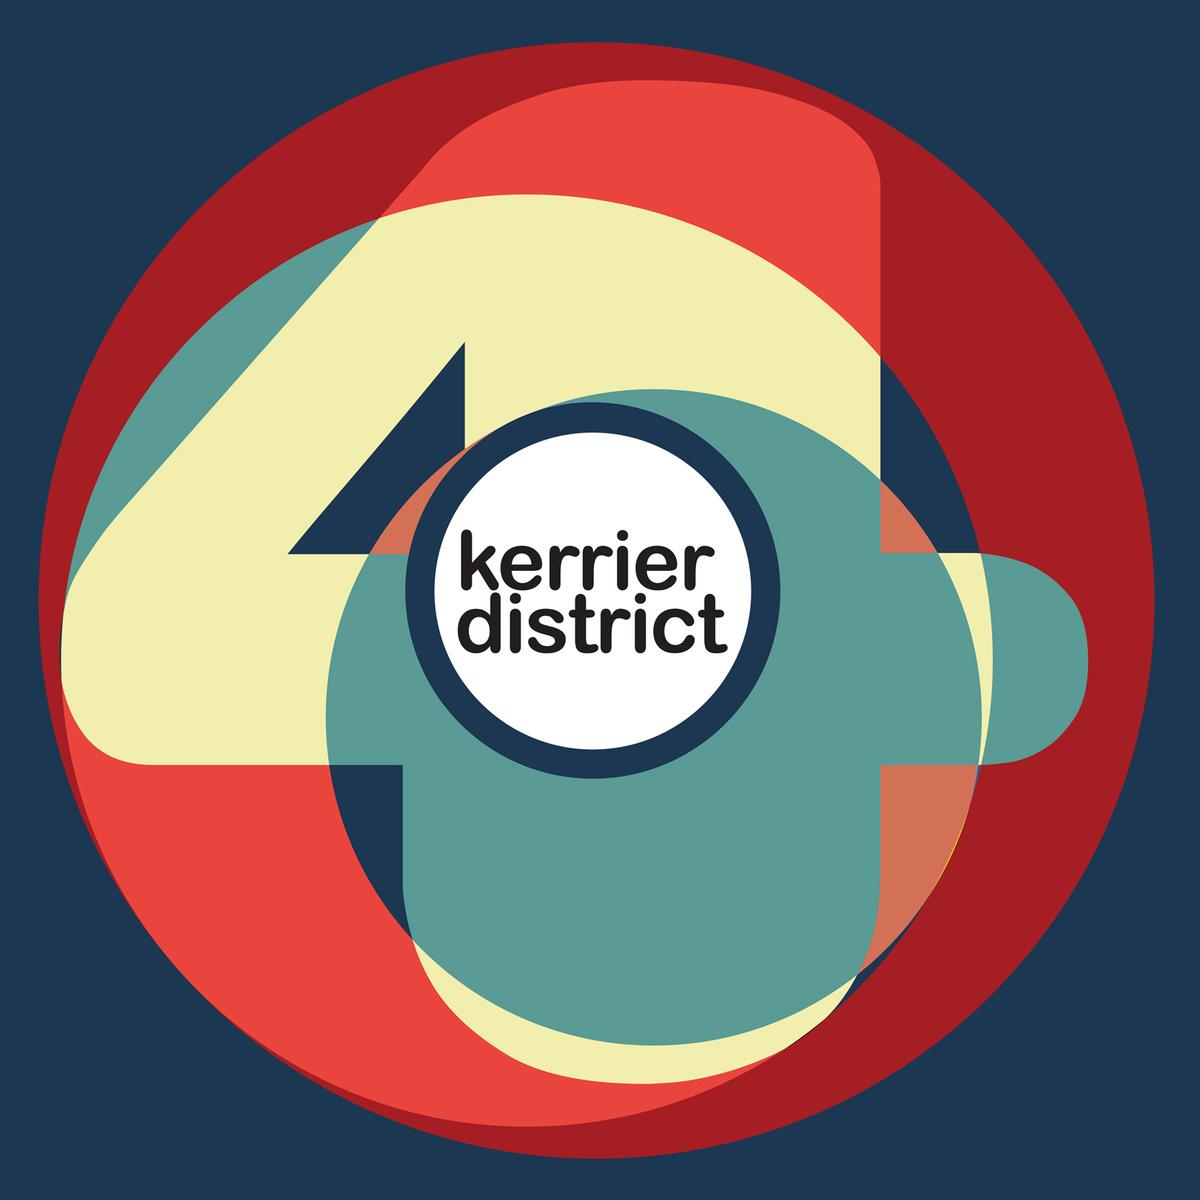 Kerrier District 4